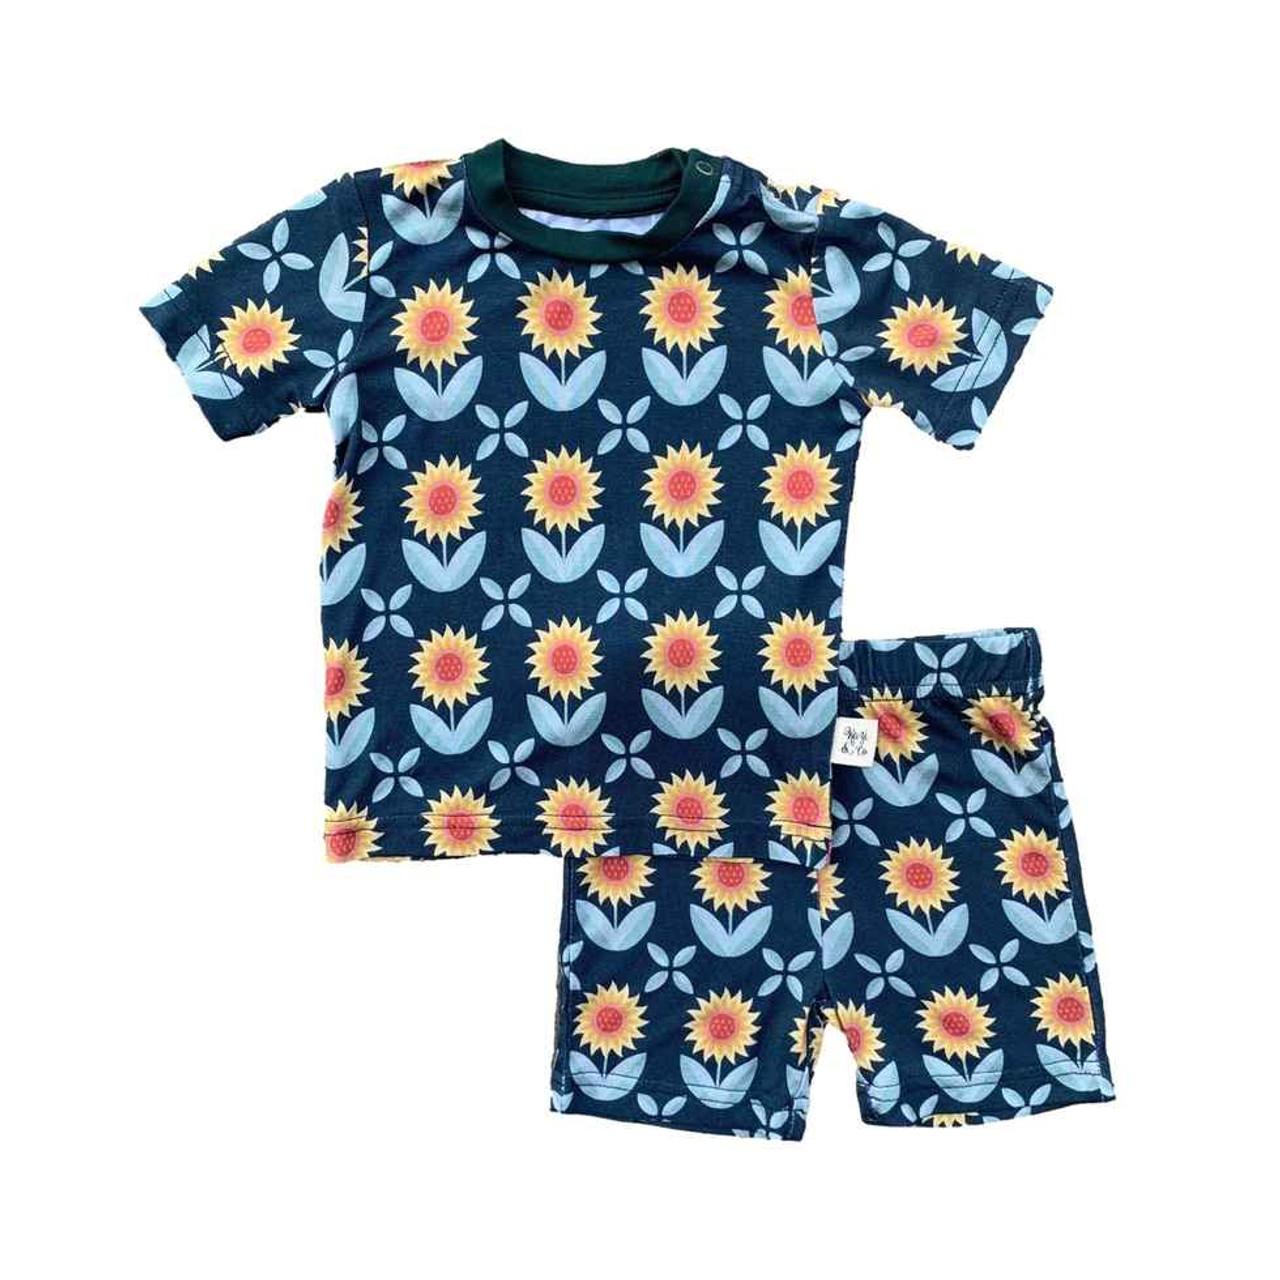 Kozi & Co. Boys Pajamas, Short Sleeve -Pajama Set Boys - Sunflowers, 18-24  Months | Baby Riddle